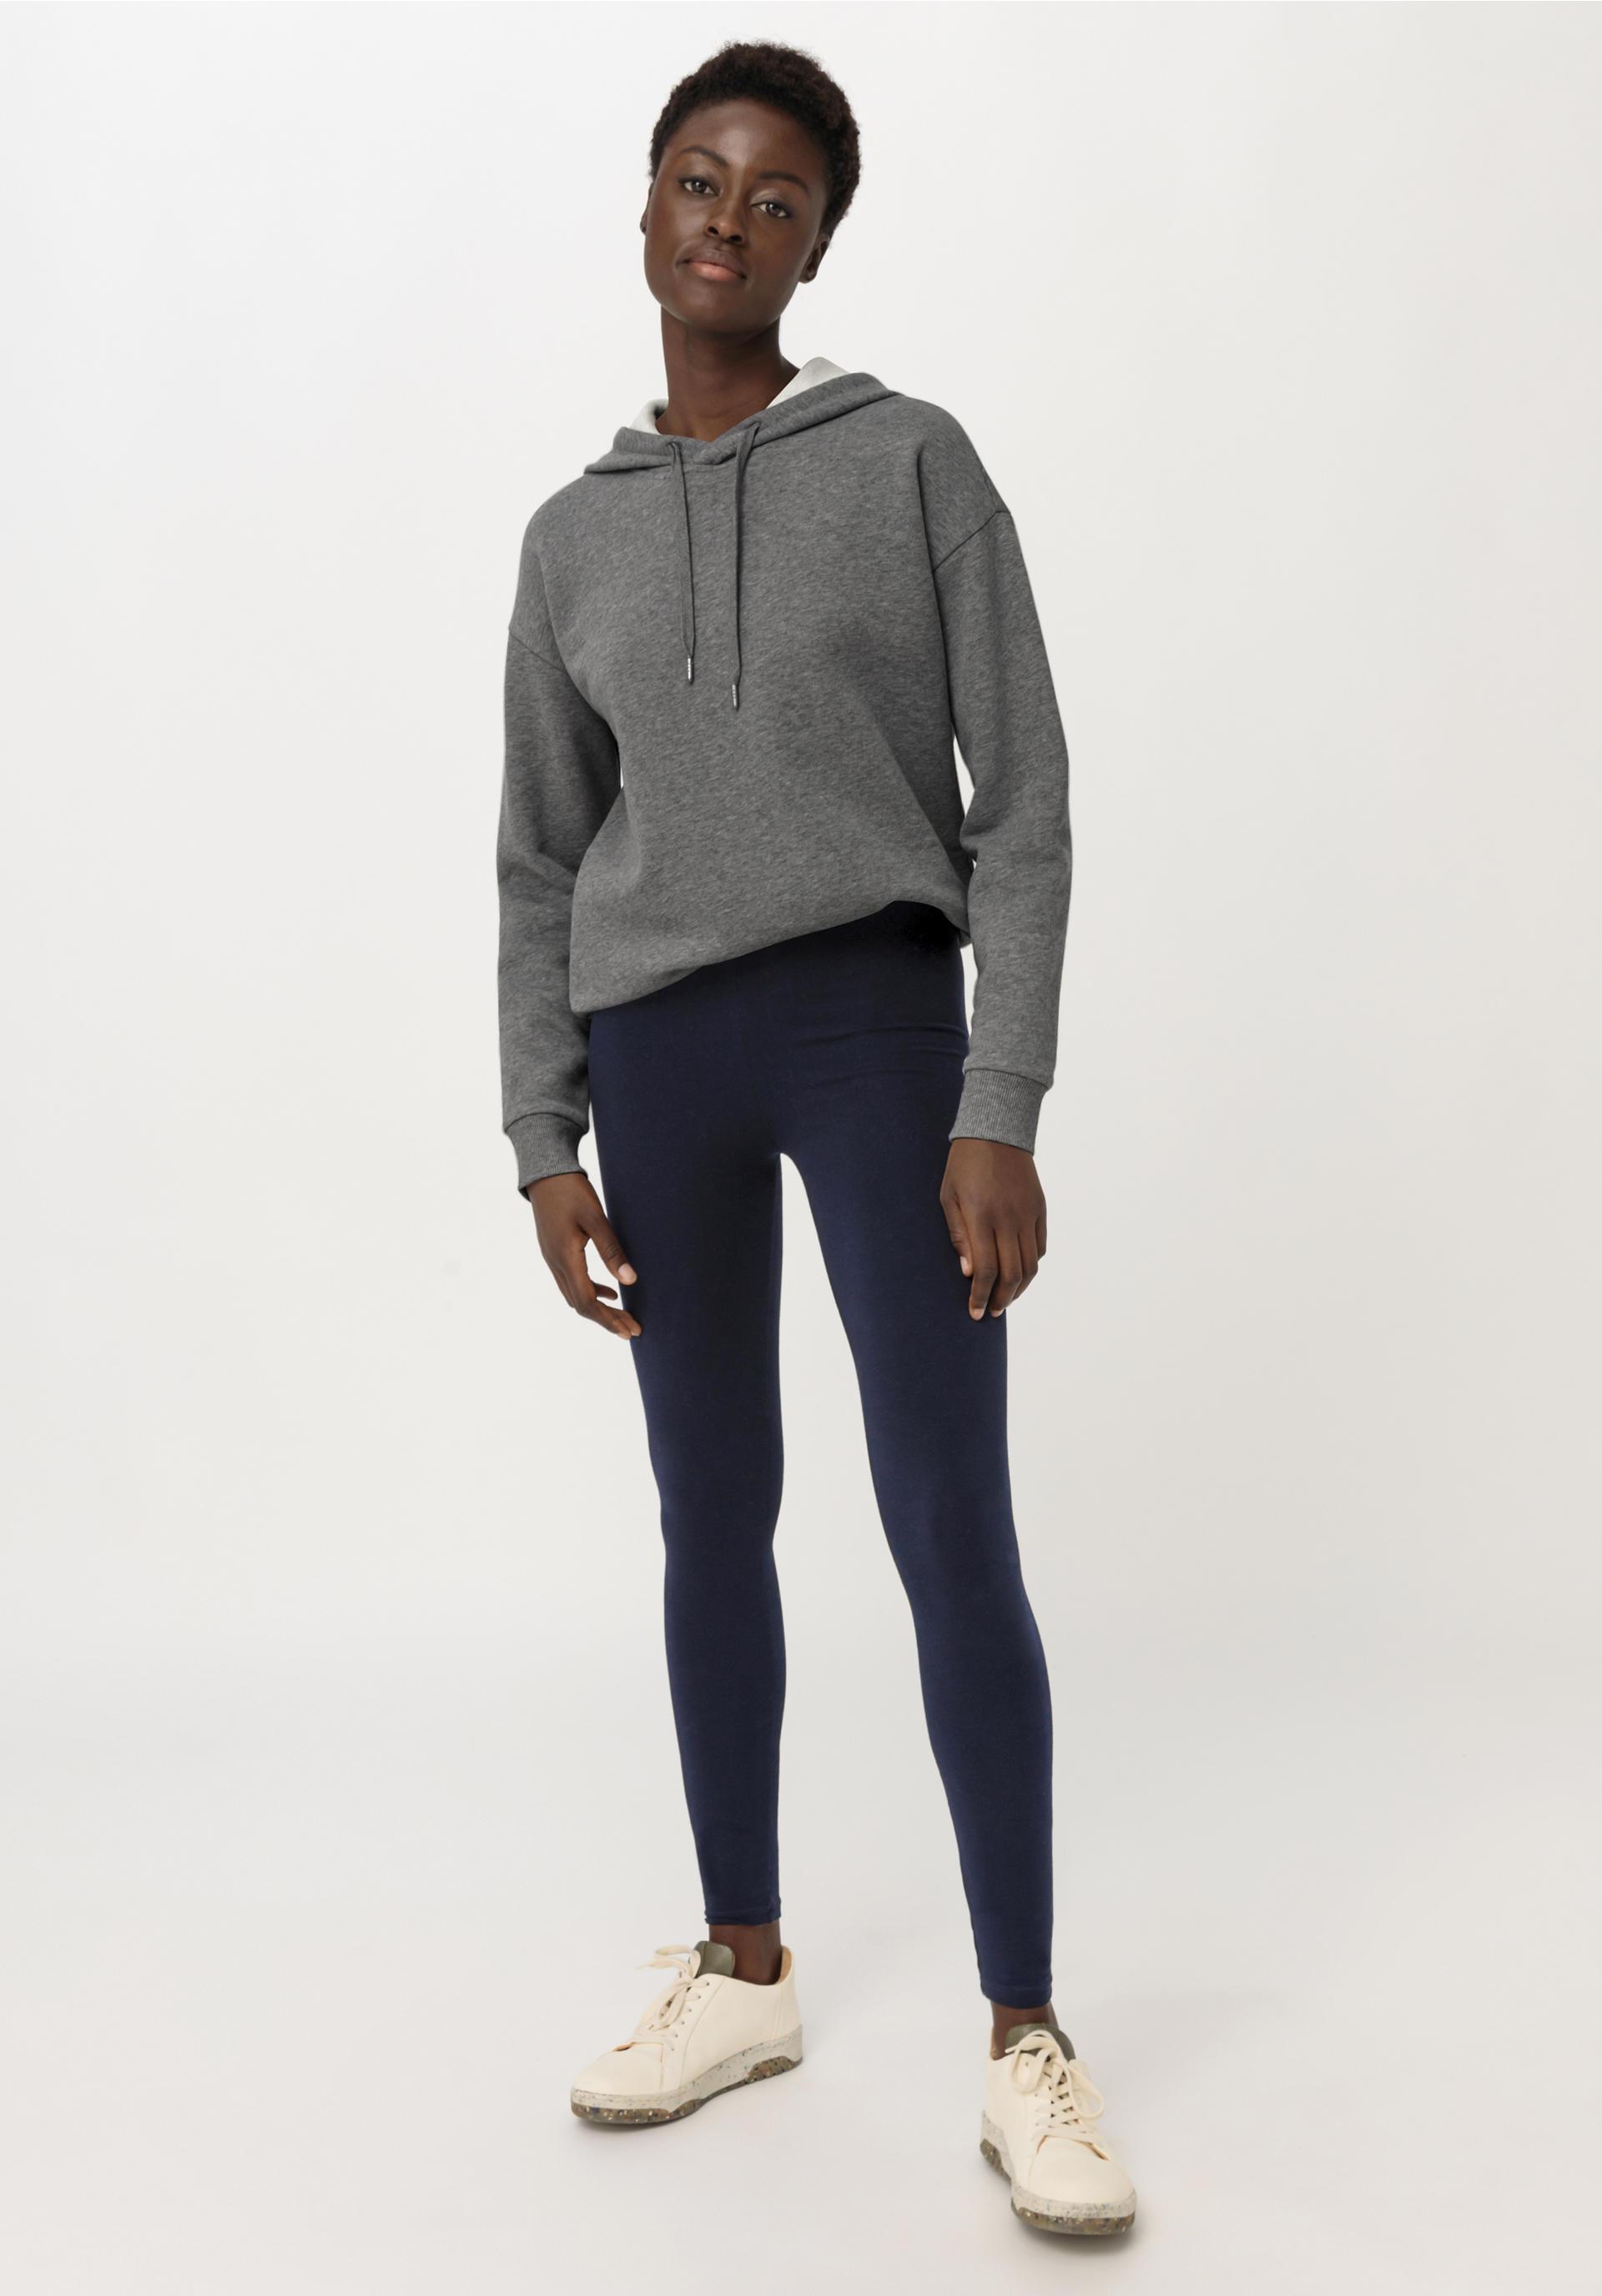 Gesamtlänge Hoher Bund Leggings Premium Baumwolle und Lycra Alle farben größen